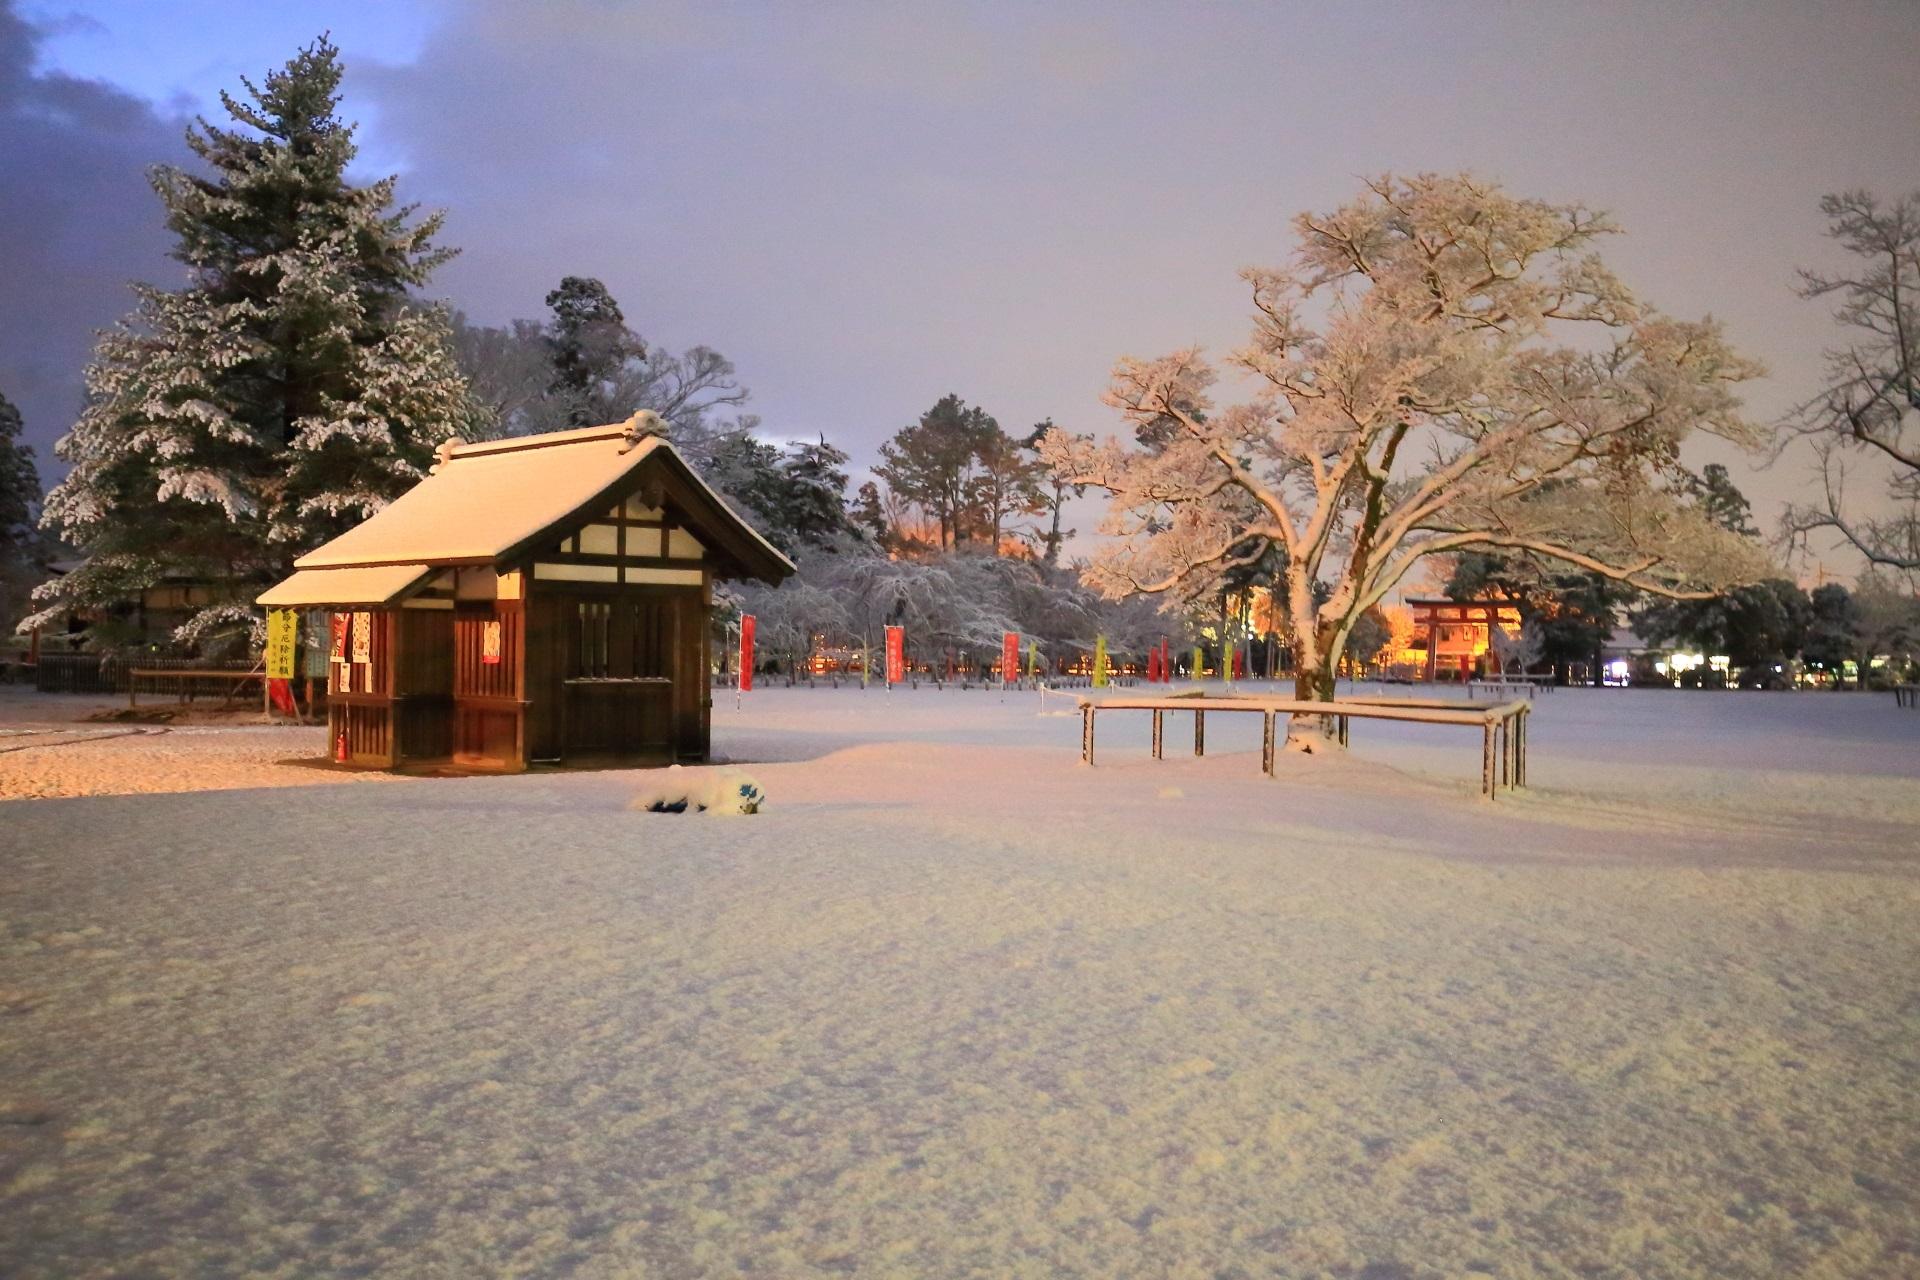 上賀茂神社の神馬舎付近の雪景色